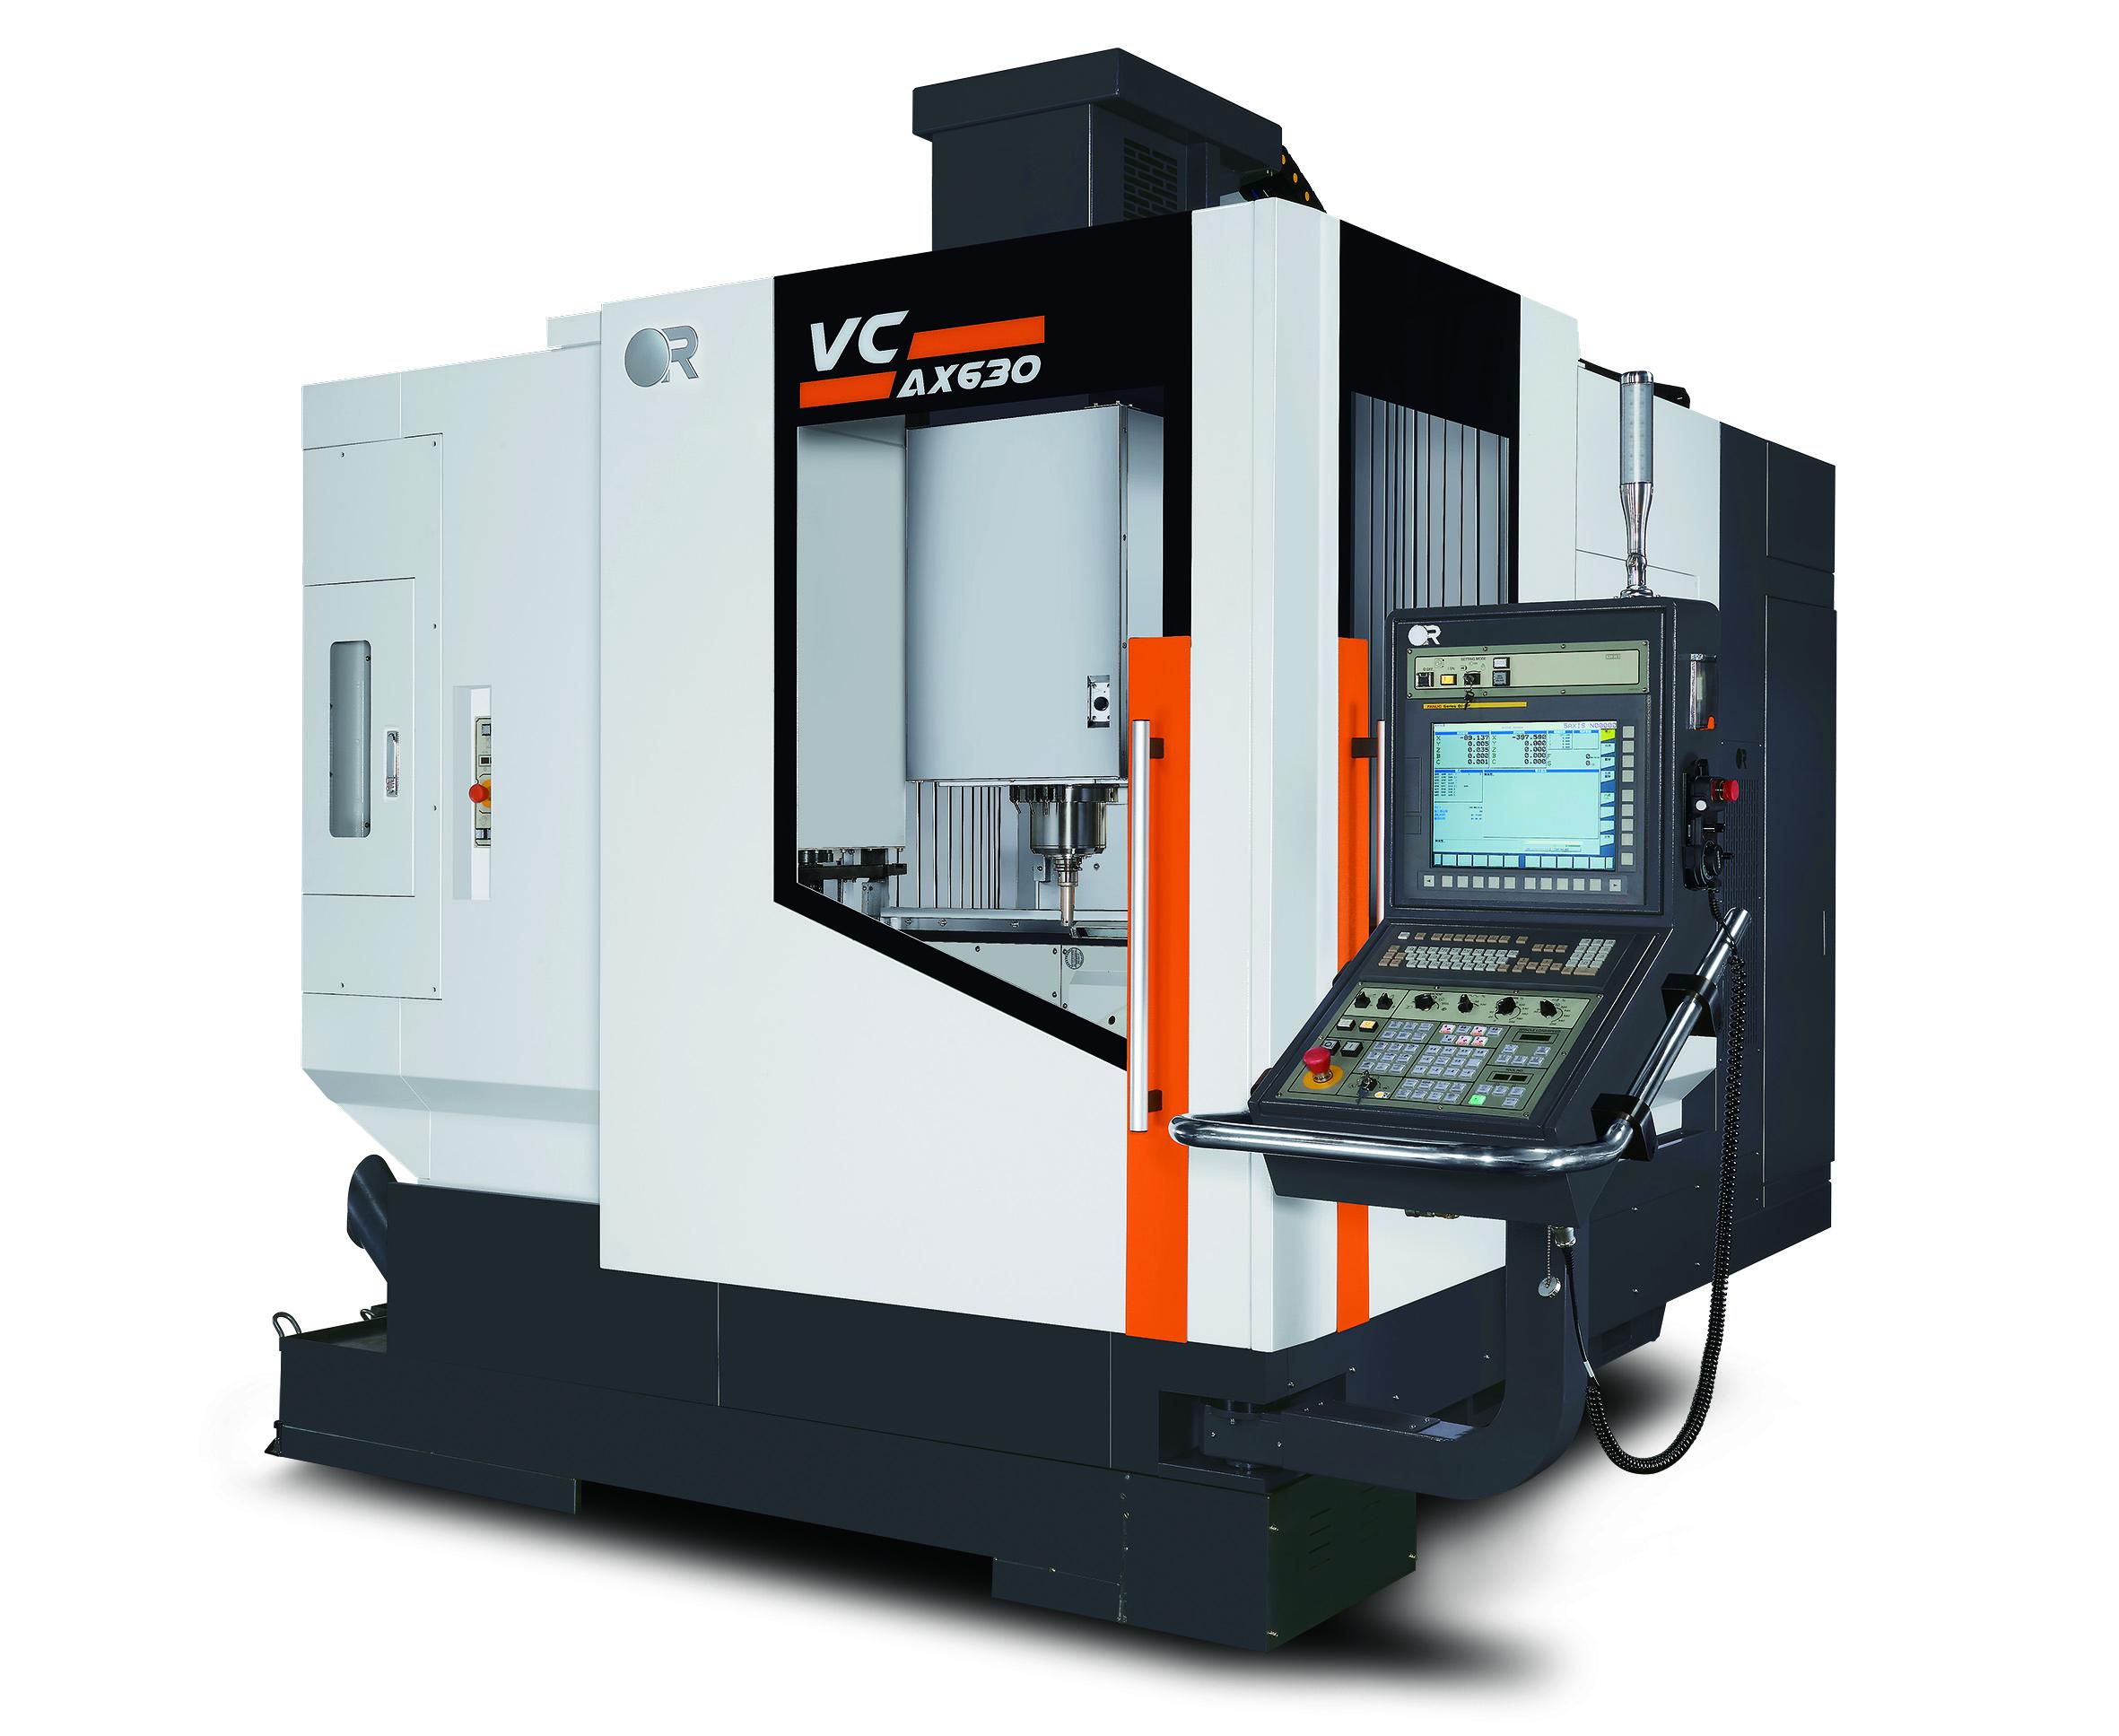 VC-AX630